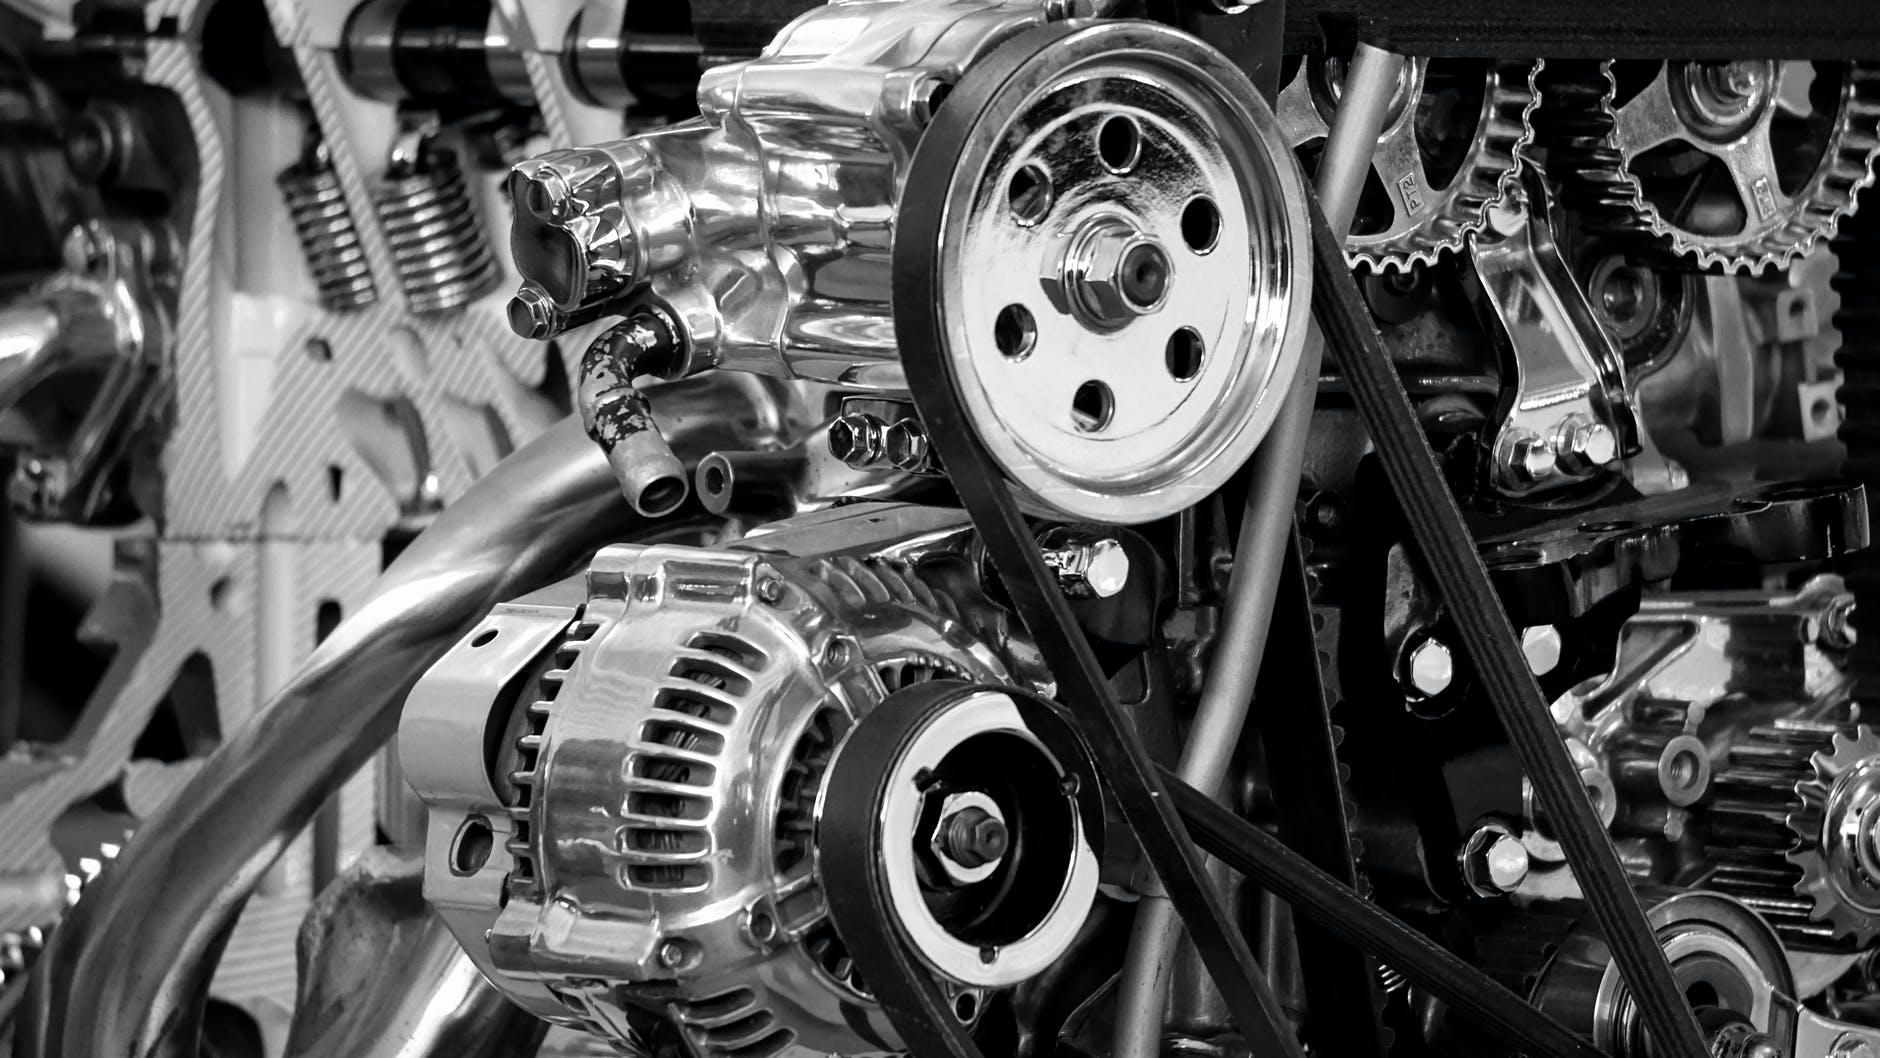 Motor Üflemesi Nedir?